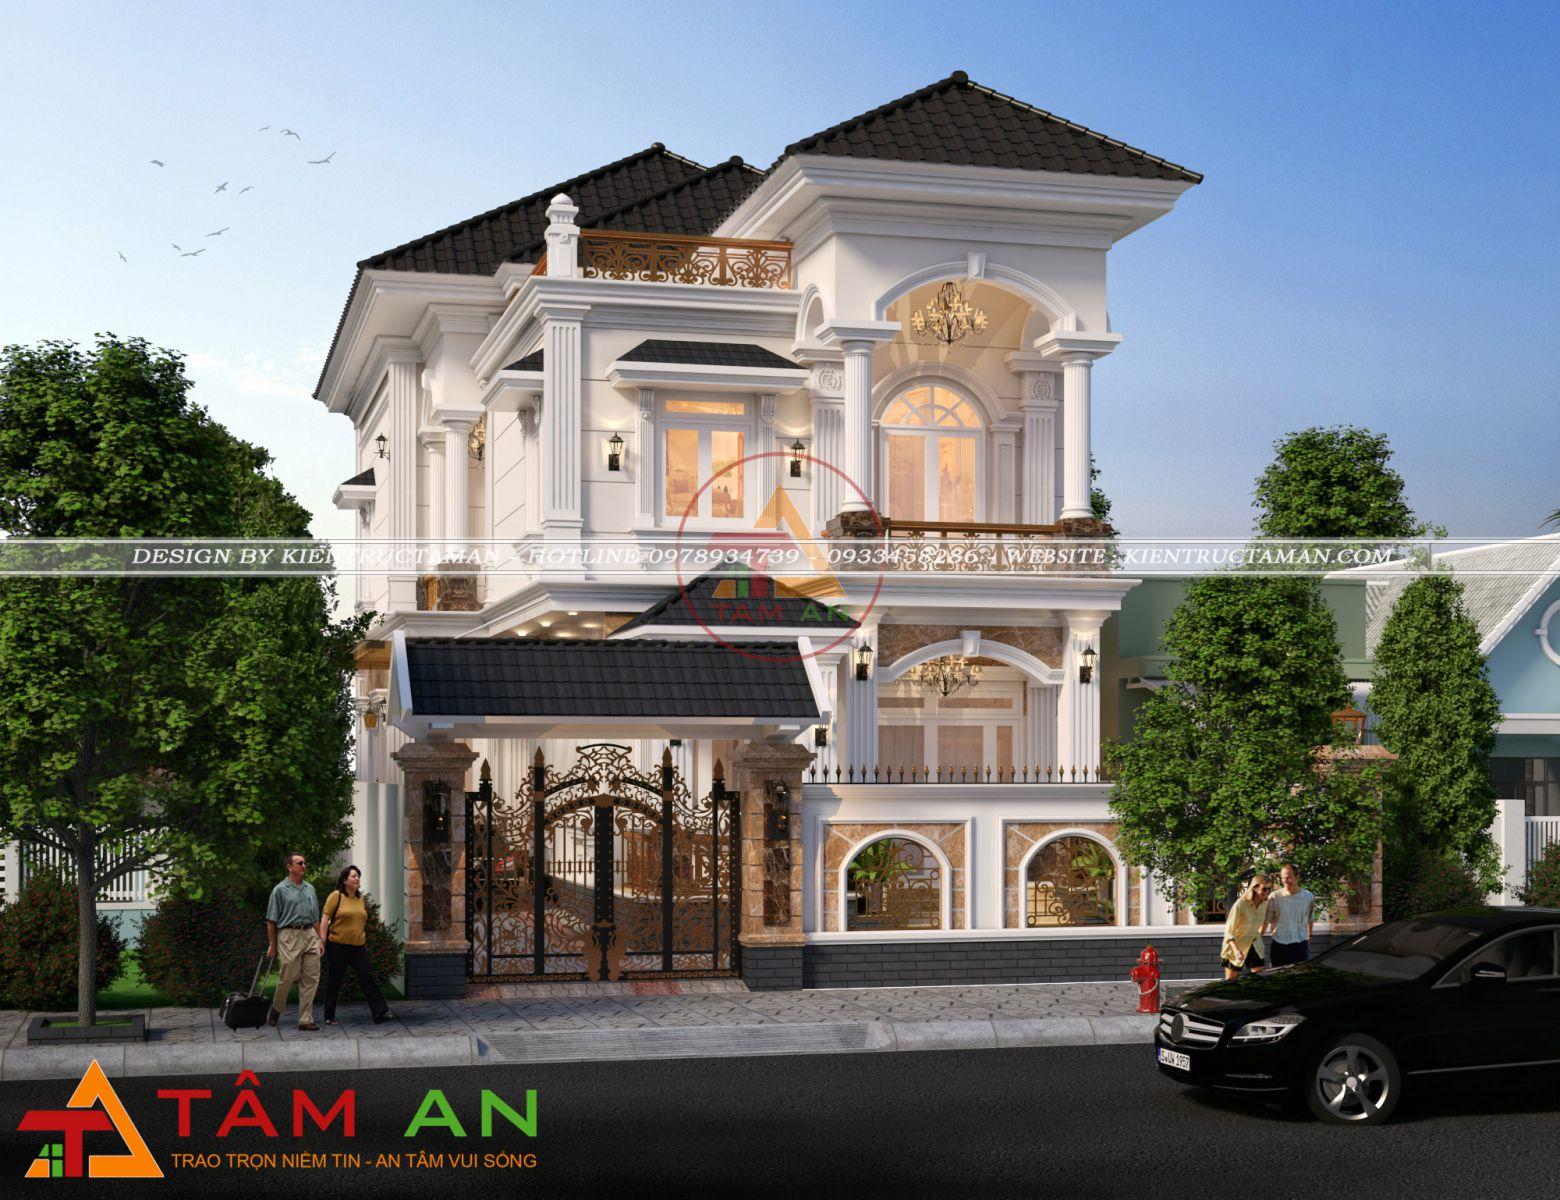 thiết kế thi công xây dựng nhà biệt thự uy tín